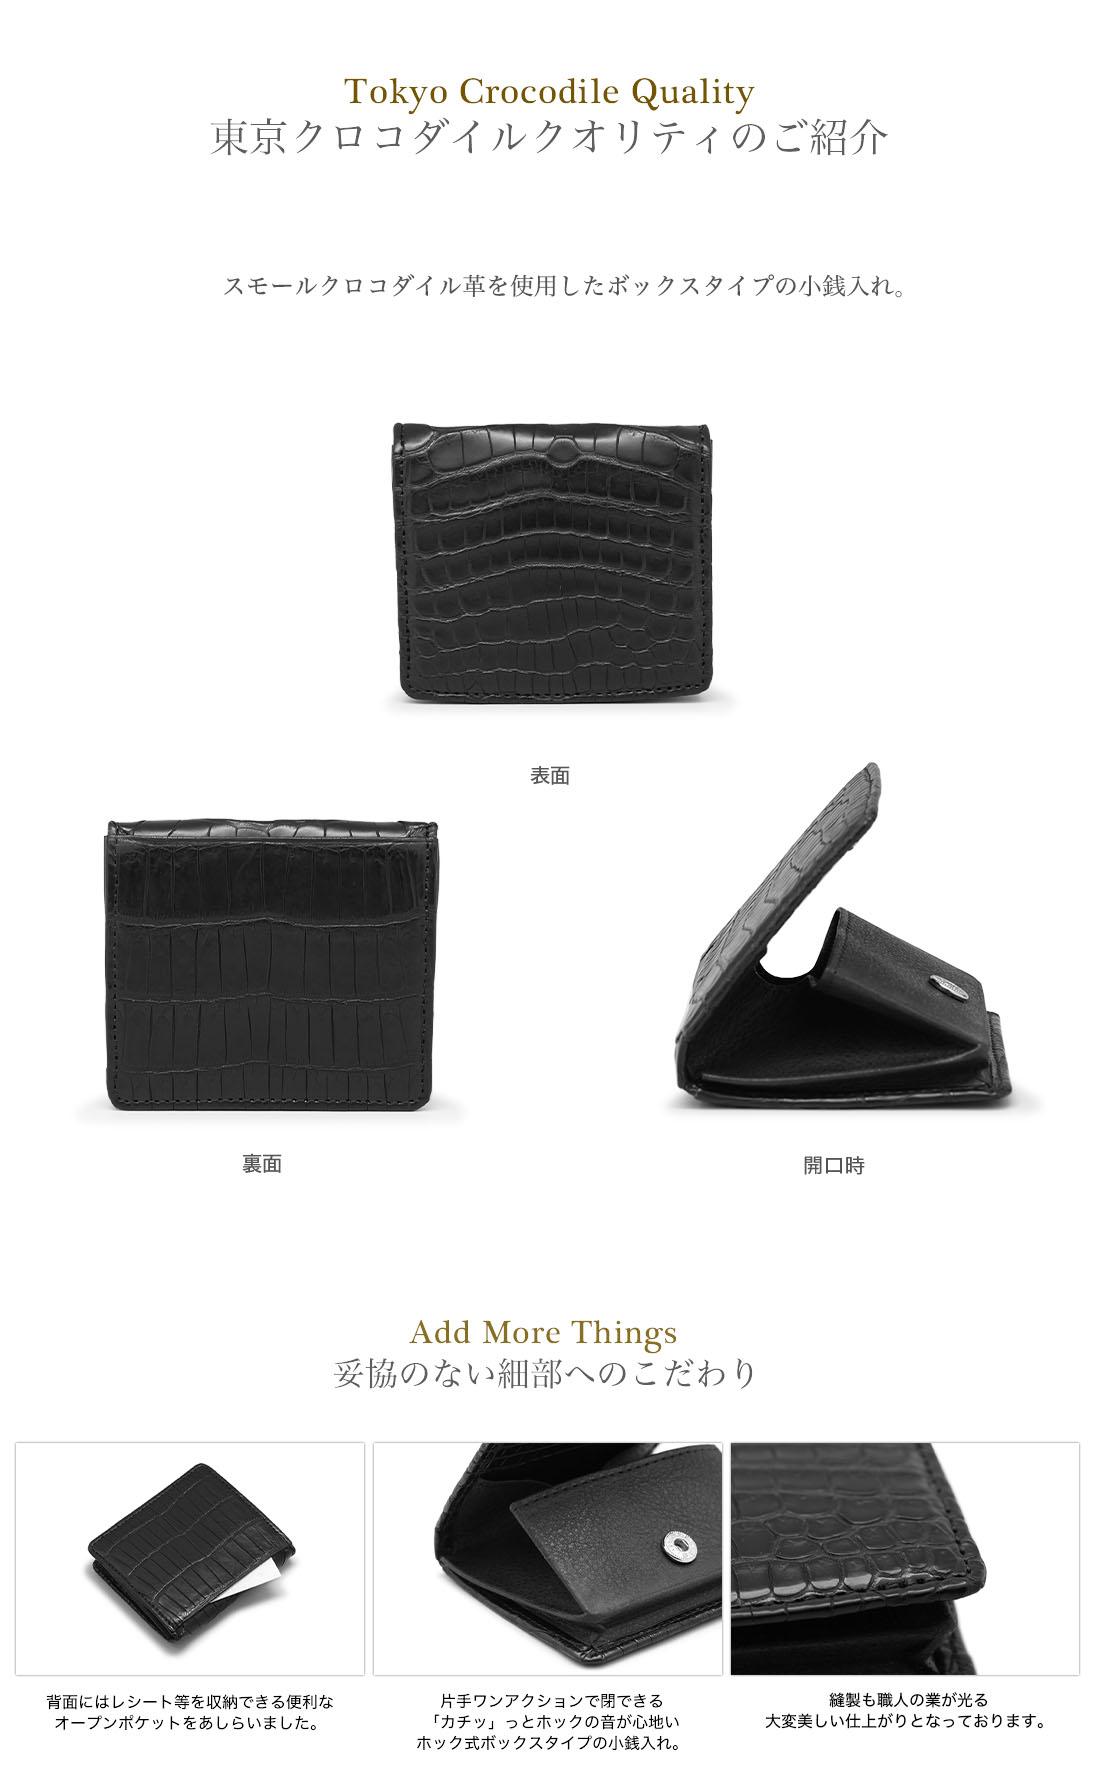 クロコダイル 財布 小銭入れ メンズ プレゼント ブランド